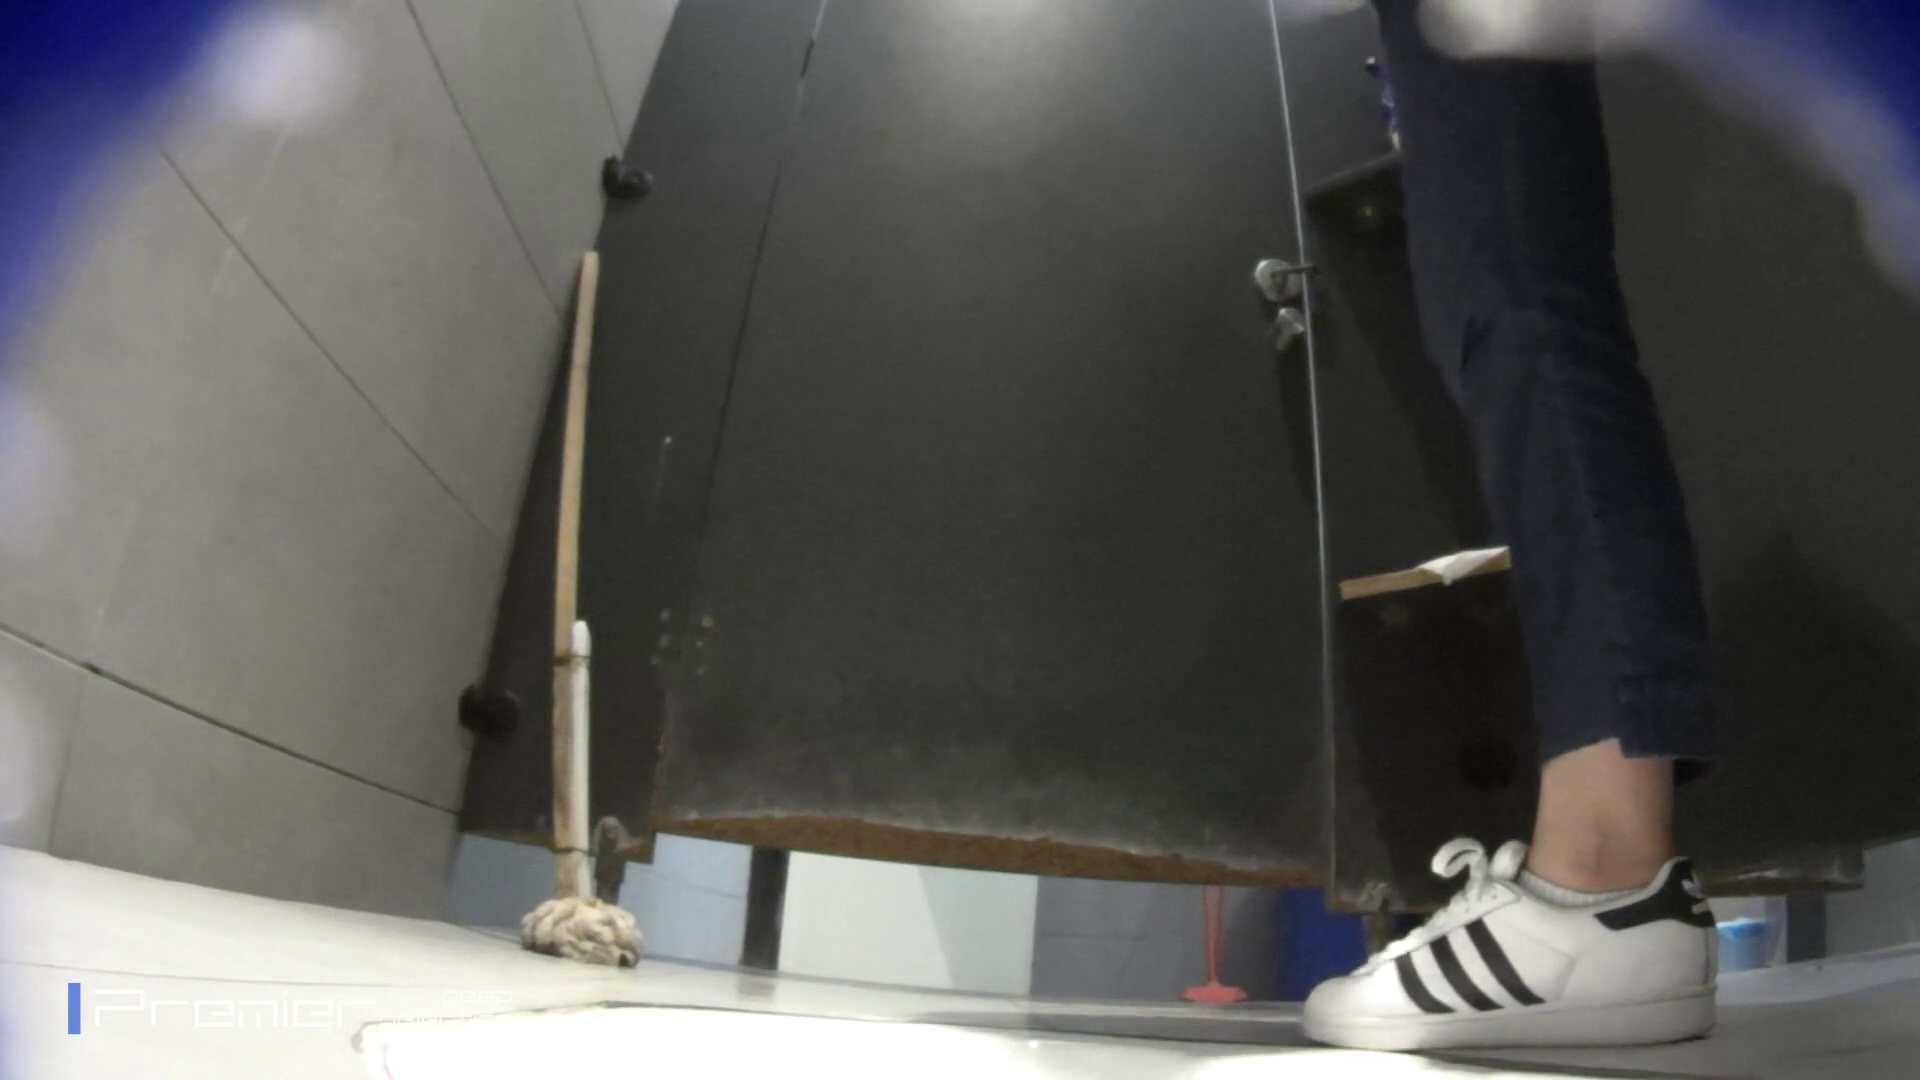 個室のドアを開けたまま放nyoする乙女 大学休憩時間の洗面所事情85 盗撮で悶絶 われめAV動画紹介 89画像 43